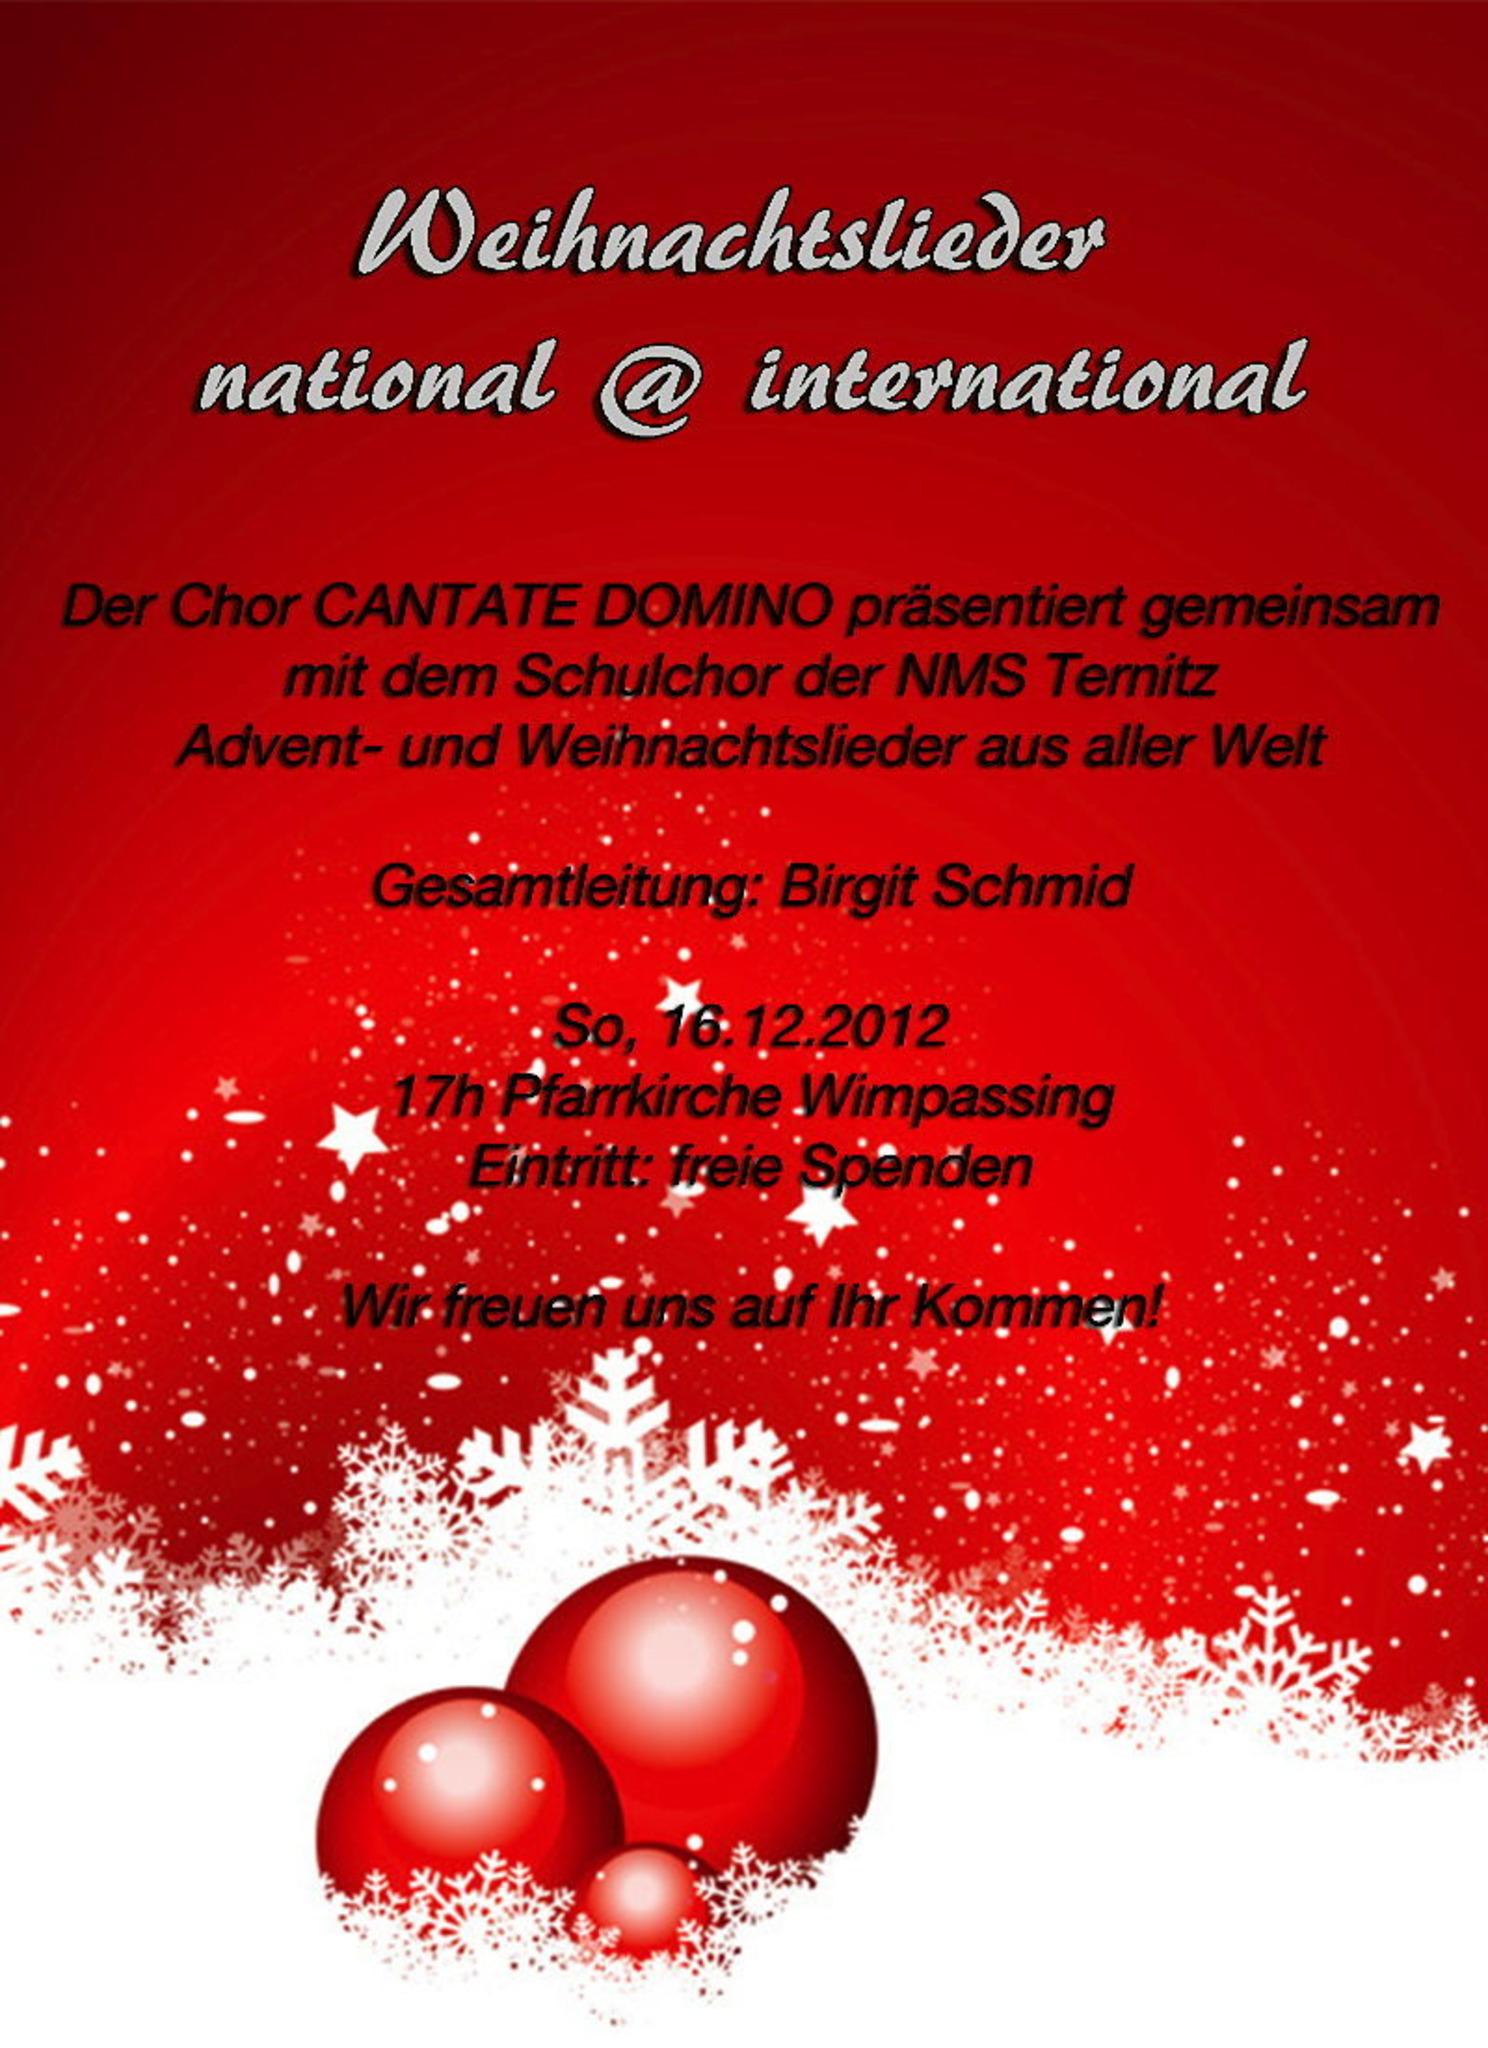 Weihnachtslieder International.Weihnachtslieder National International Neunkirchen